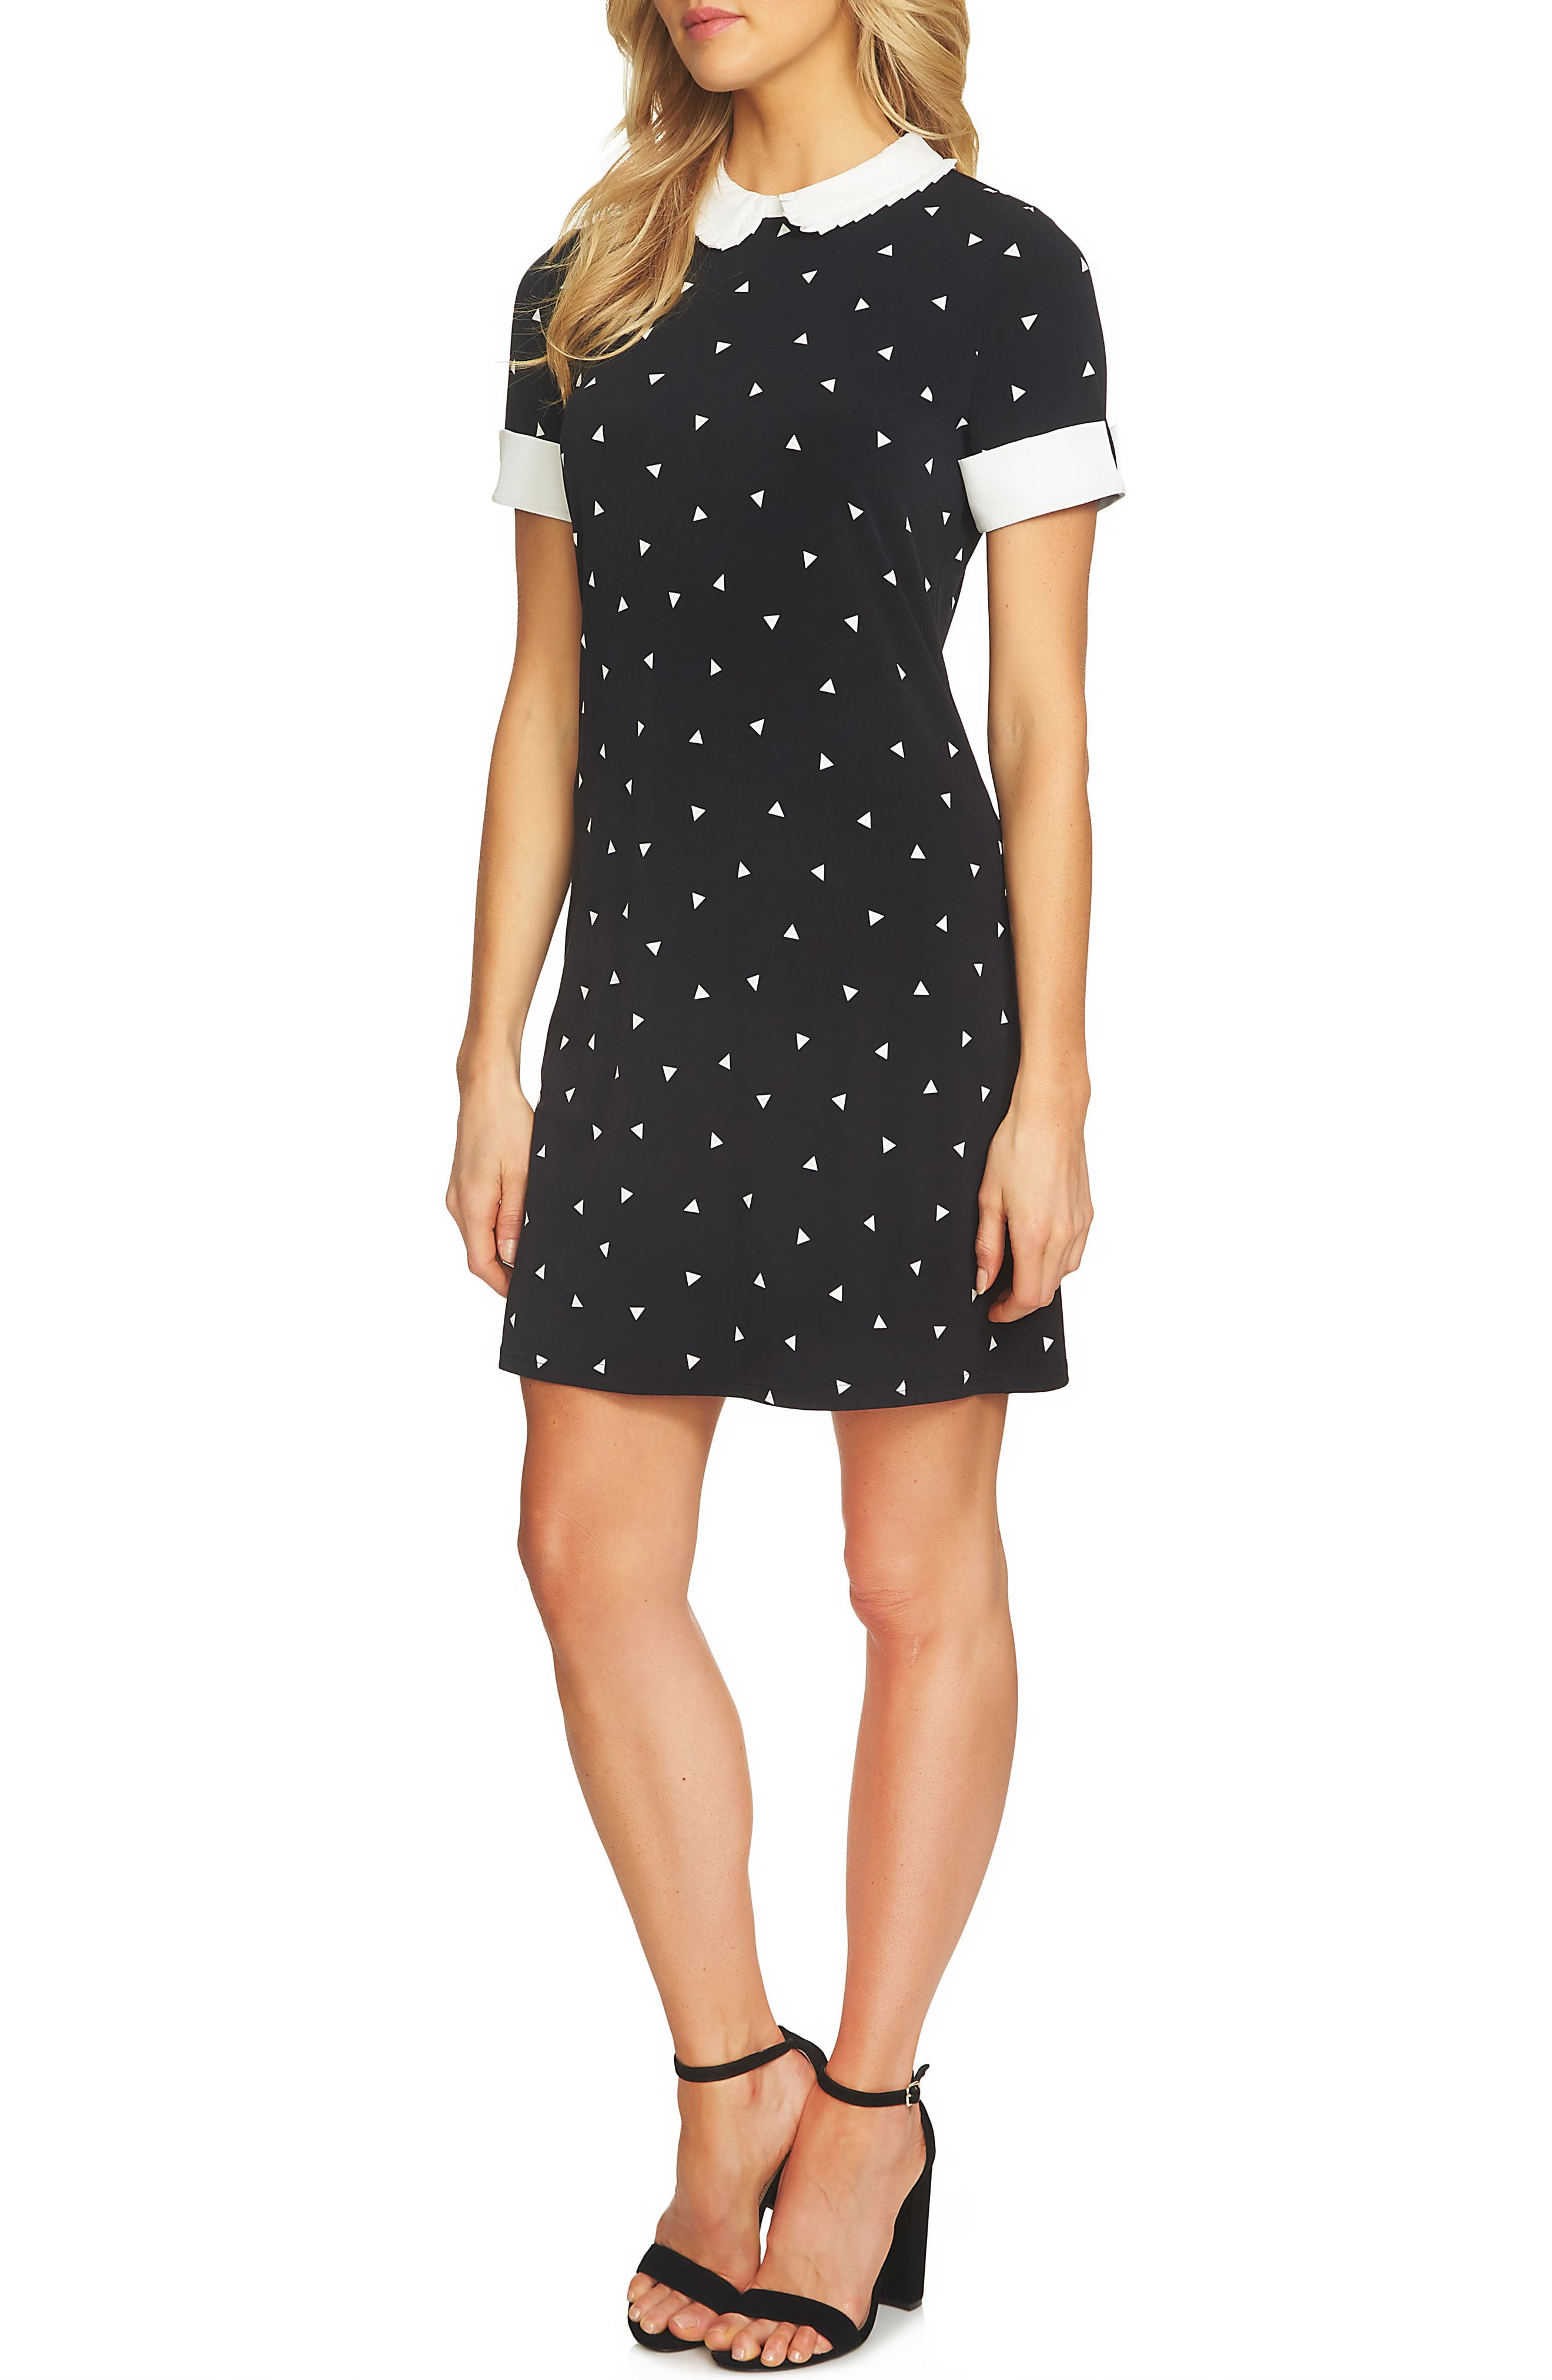 CeCe Triangle Print Stretch Knit Dress